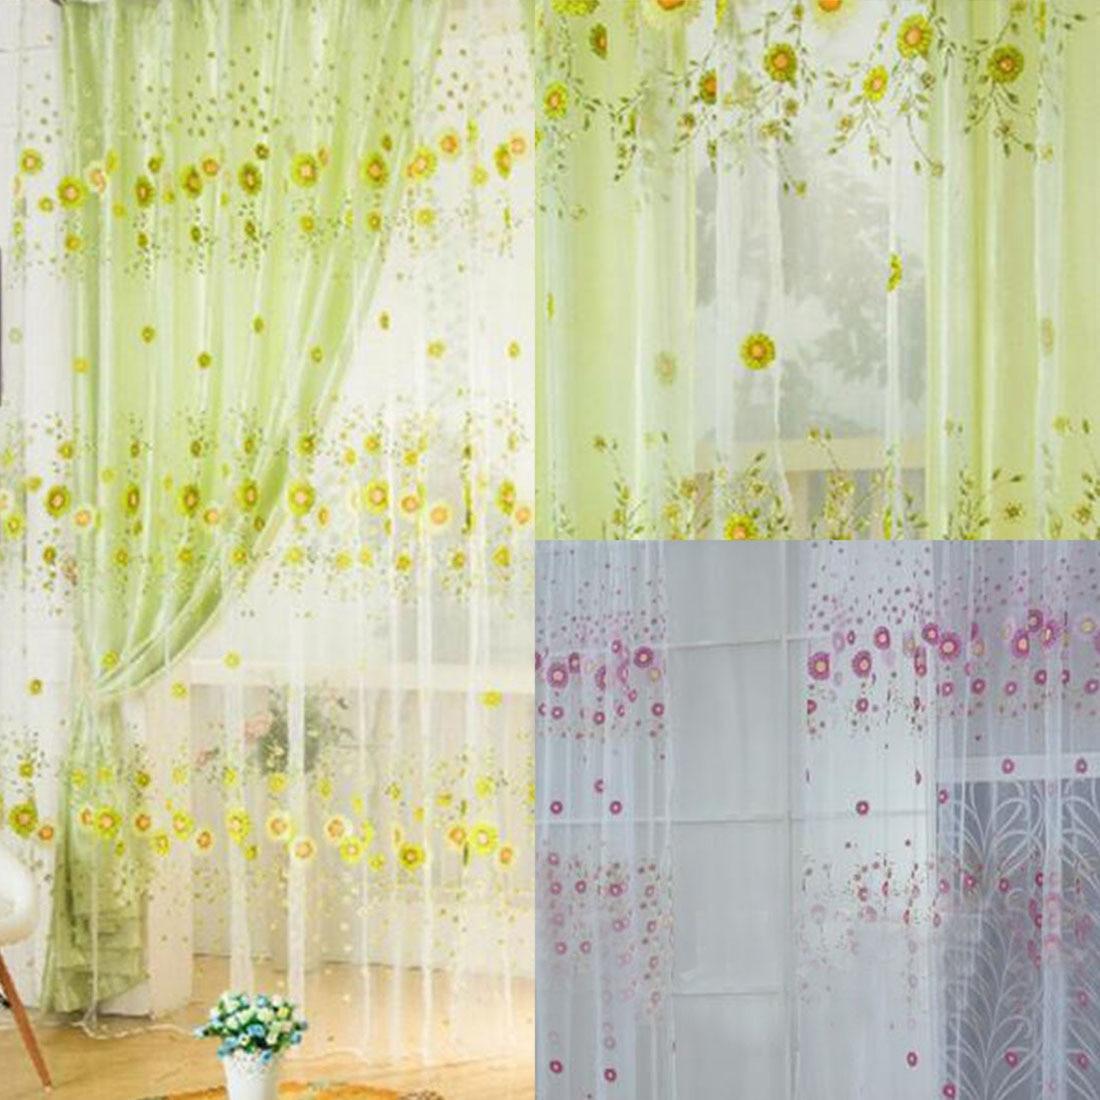 Rideau Pour Porte Fenetre €3.12 26% de réduction|rideaux tournesol imprimé voile tulle porte fenêtre  balcon transparent criblage rideau pour chambre salon cuisine|curtains